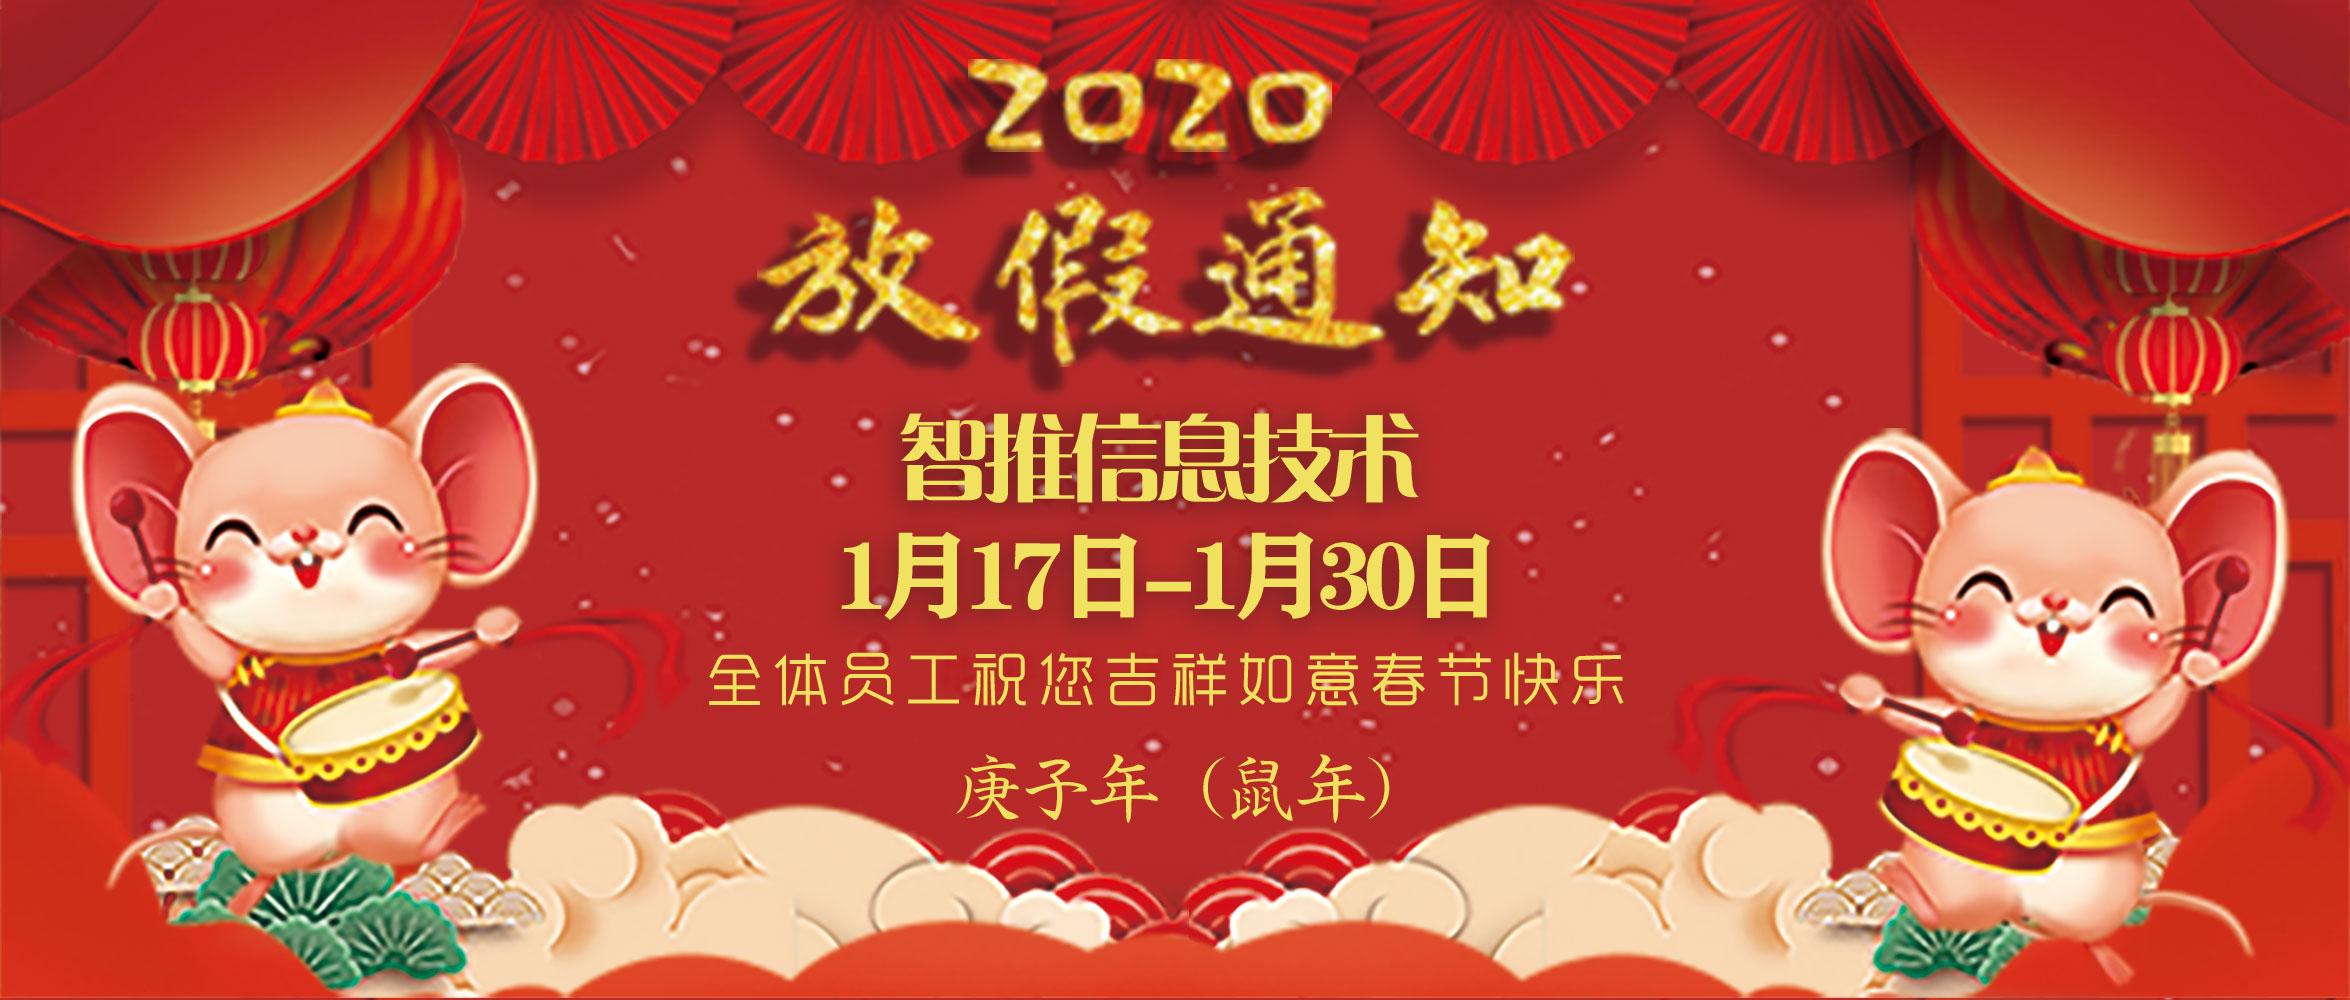 烟台智推信息技术有限公司2020年春节放假通知